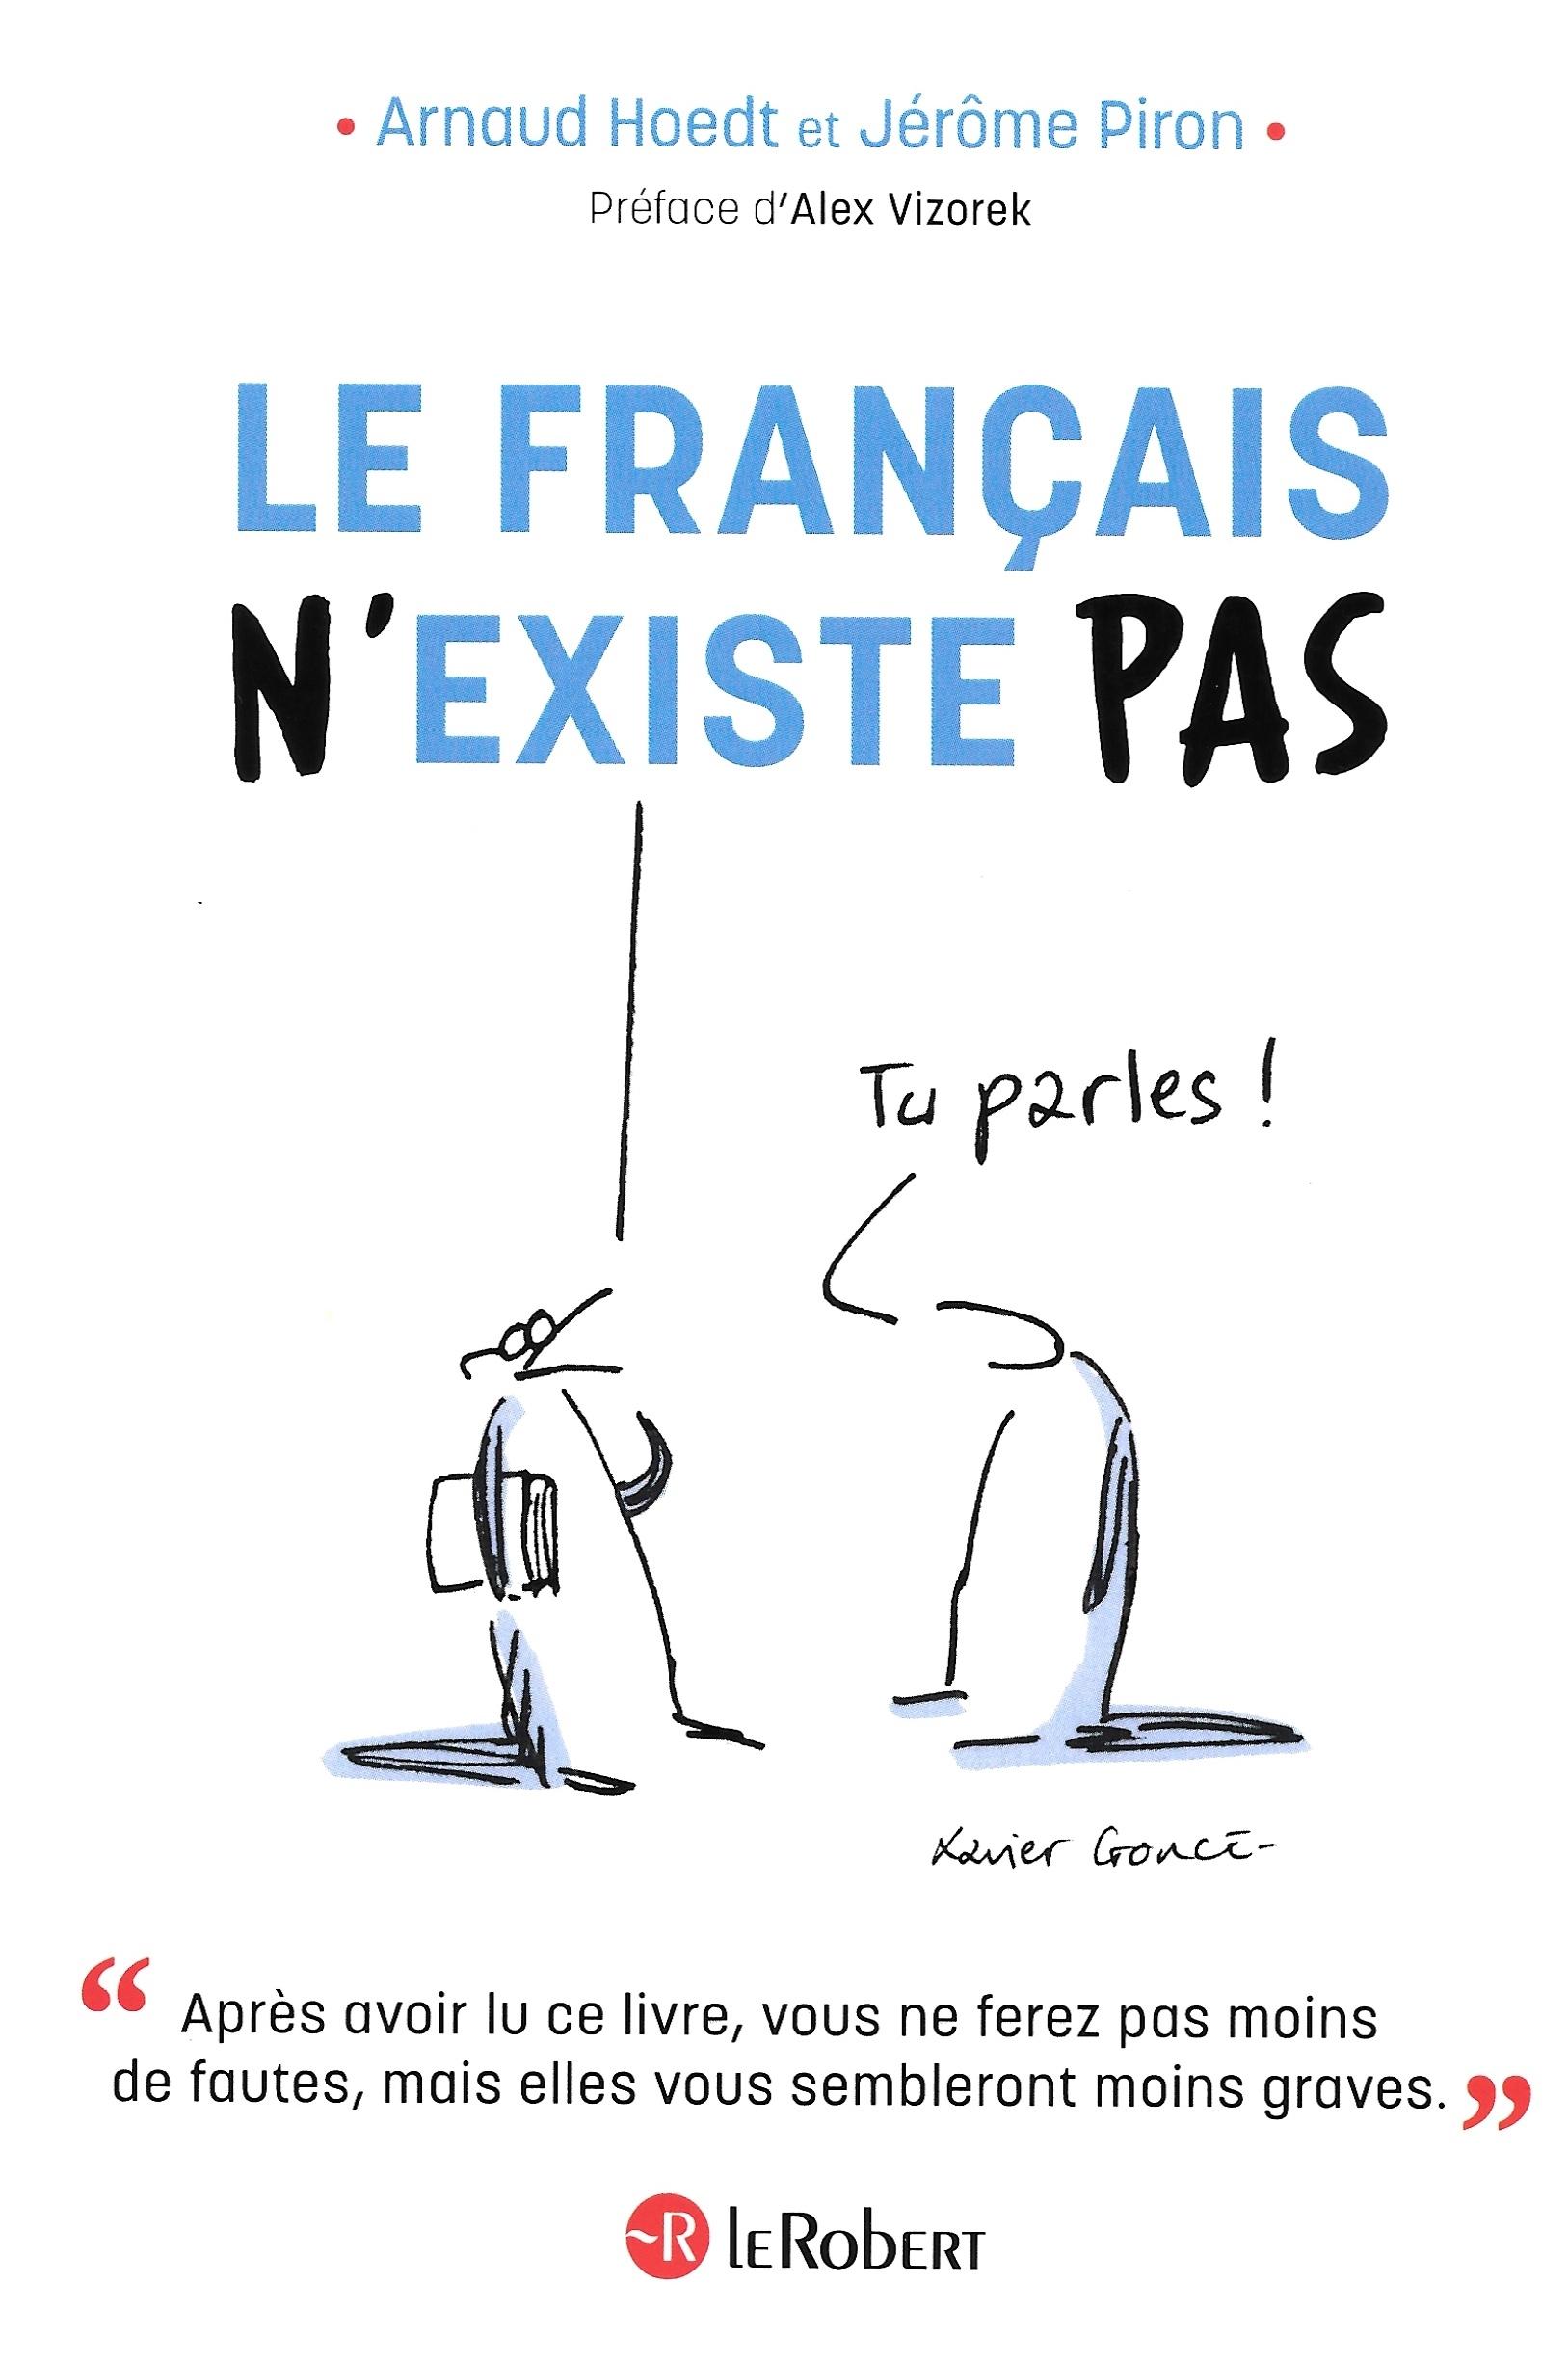 Arnaud Hoedt et Jérôme Piron, Le français n'existe pas, 2020, couverture